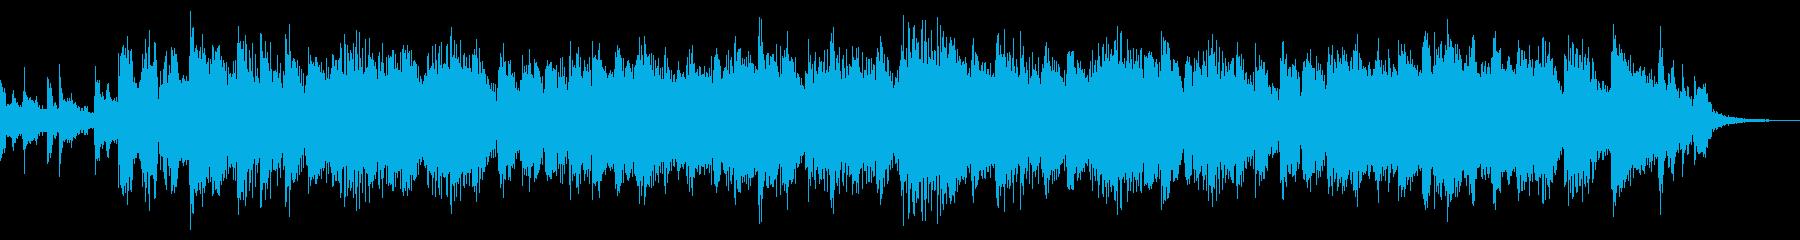 陽気なカントリーフィドルCM軽快疾走感fの再生済みの波形